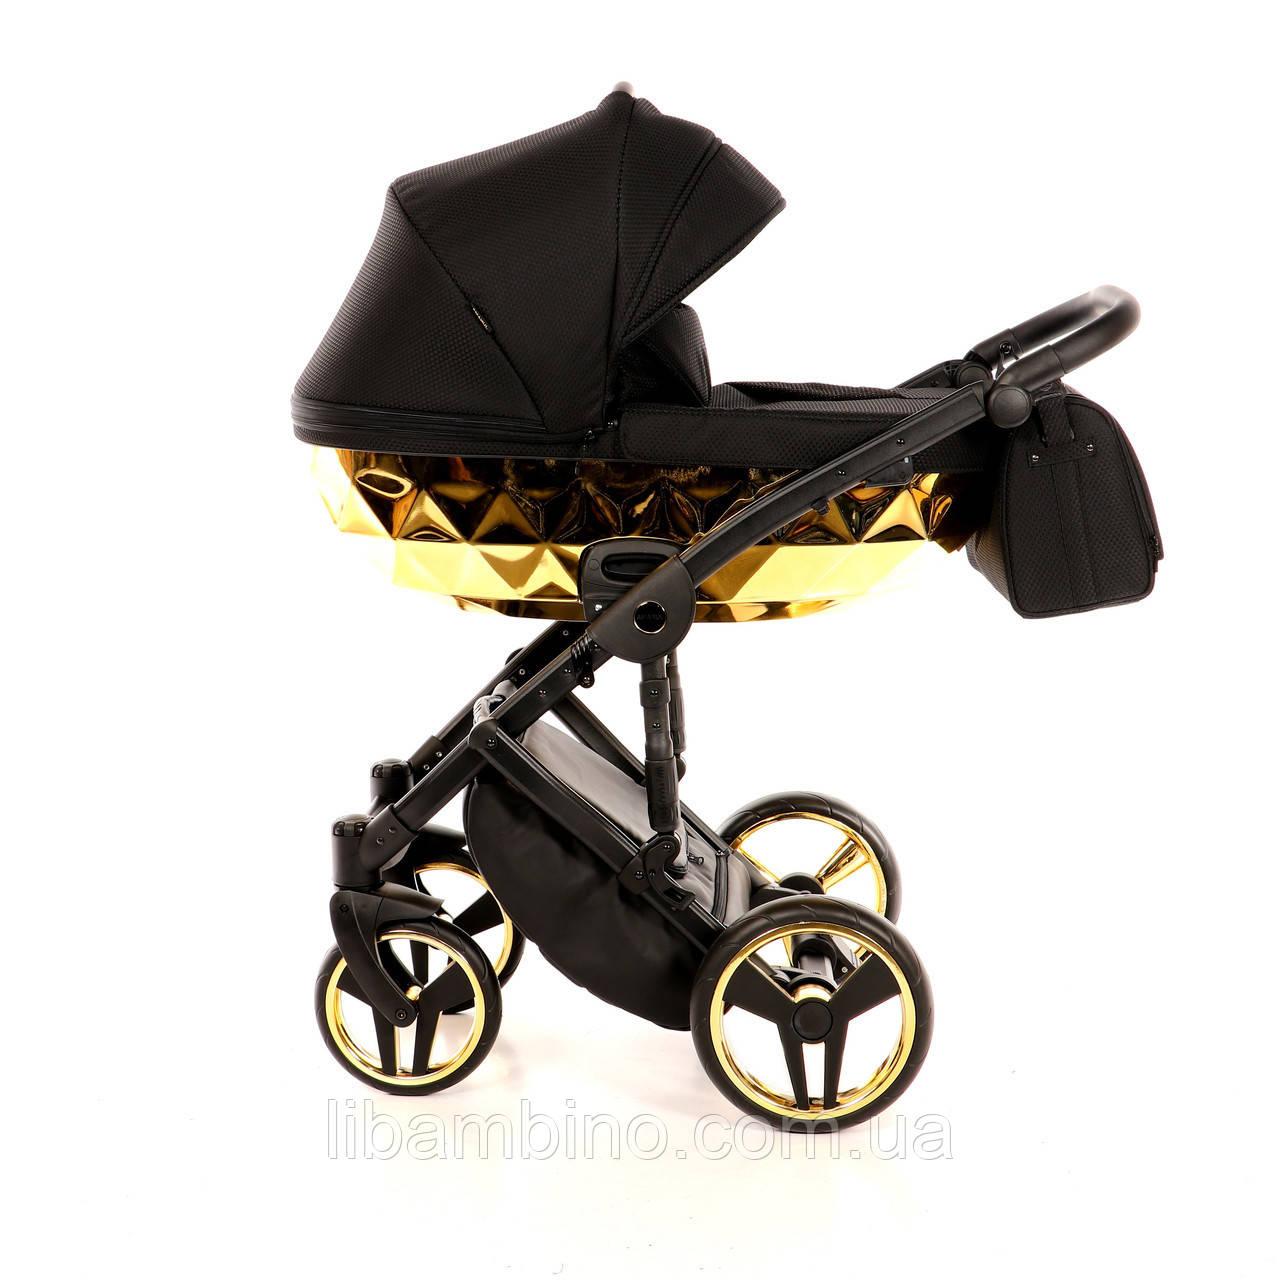 Дитяча універсальна коляска 2 в 1 Junama Mirror Gold